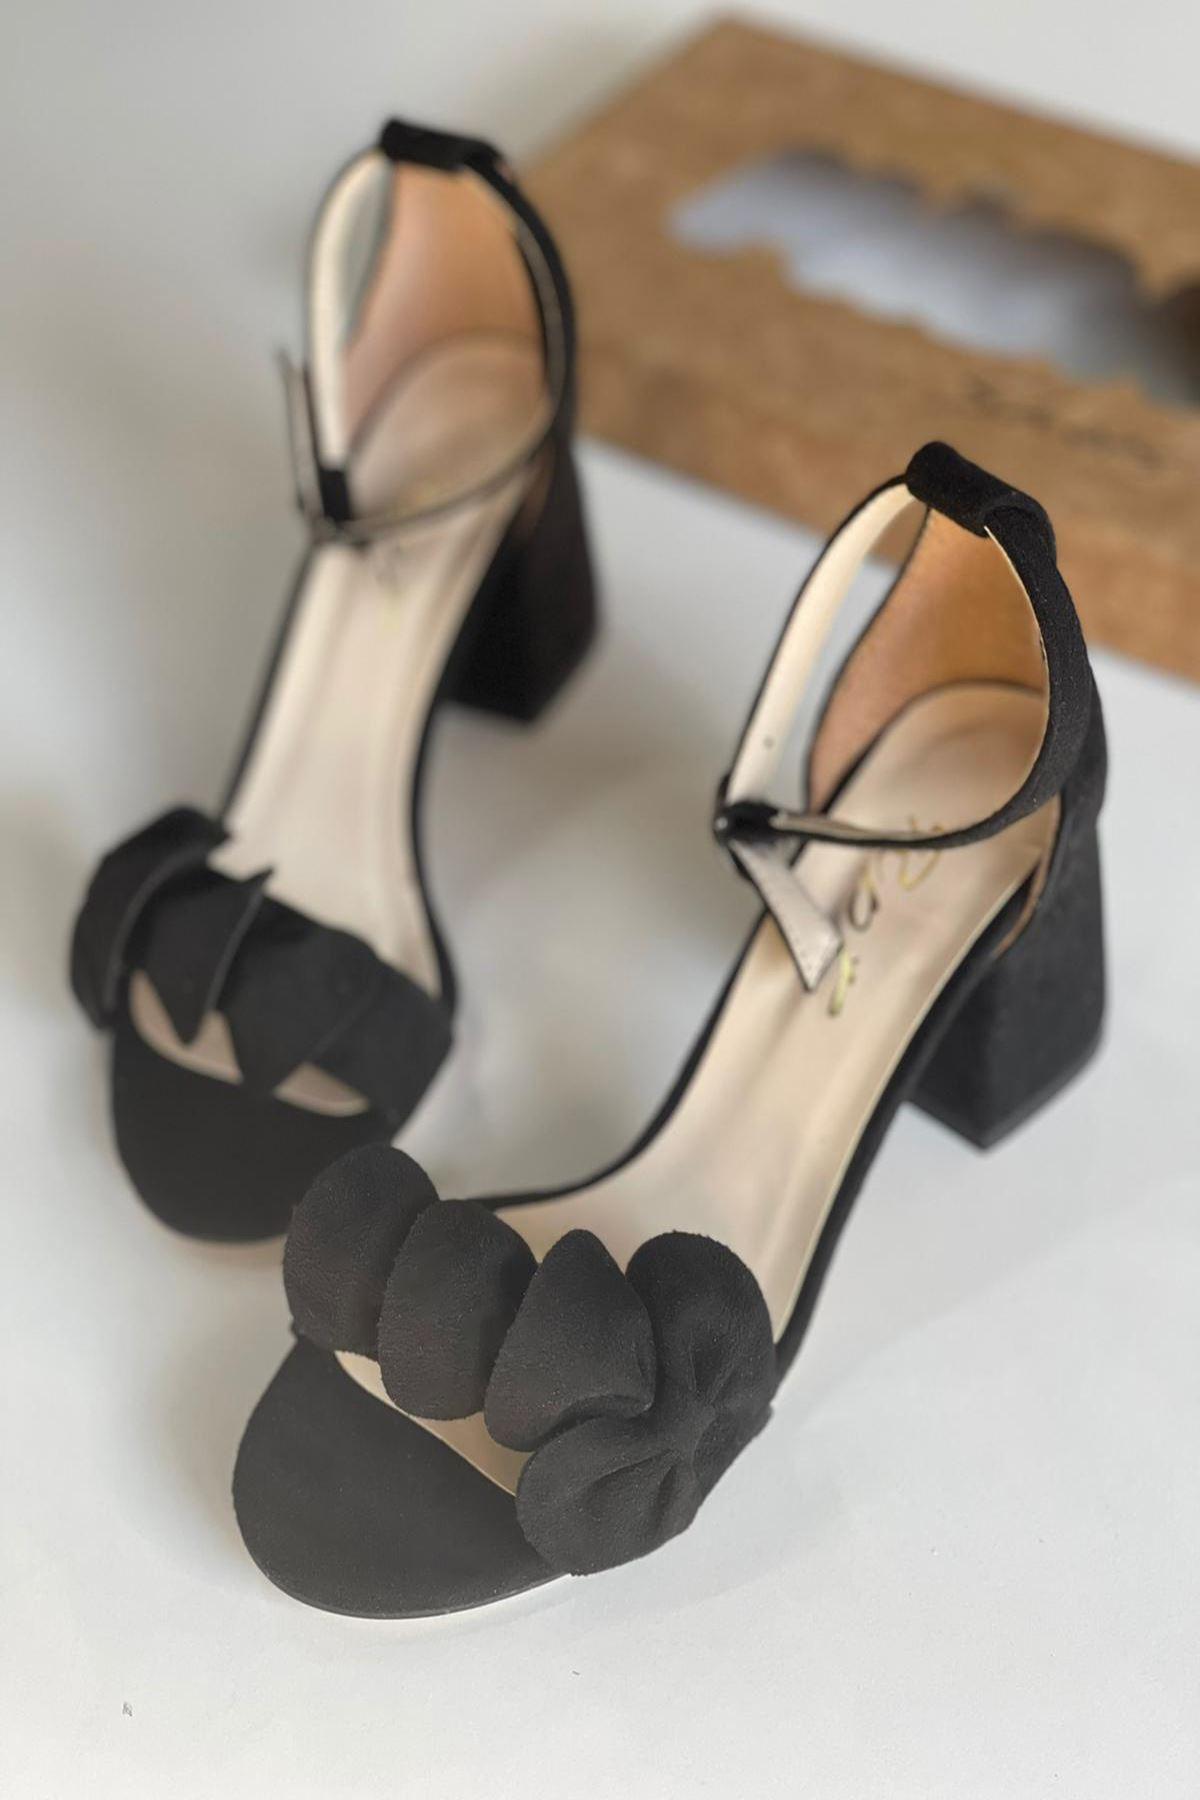 YYNDCC Siyah Süet Topuklu Ayakkabı